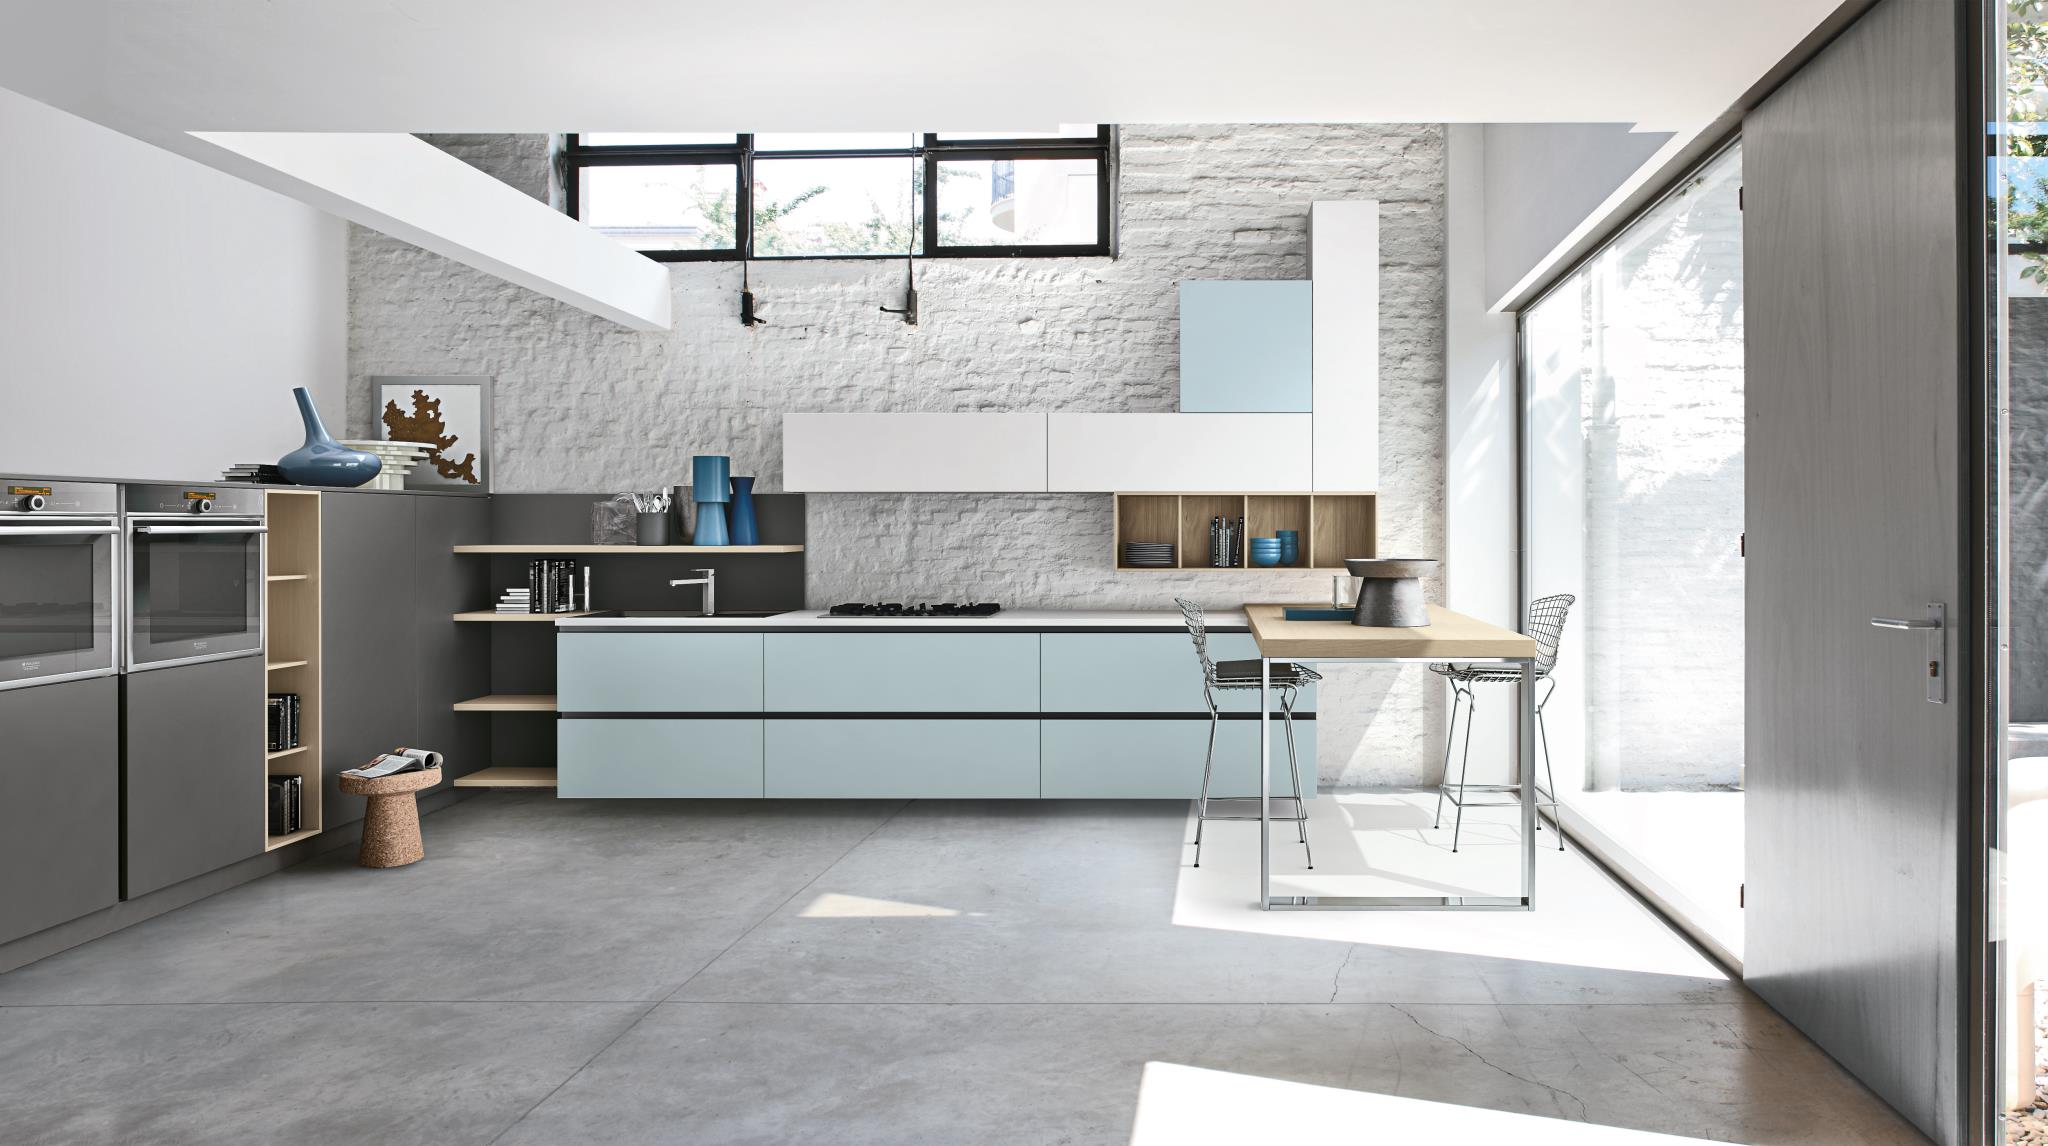 Si Sa Ognuno Ha I Suoi Gusti: Classico Country O Moderno. #4A5F6C 2048 1146 Arredamento Cucina Classico Moderno